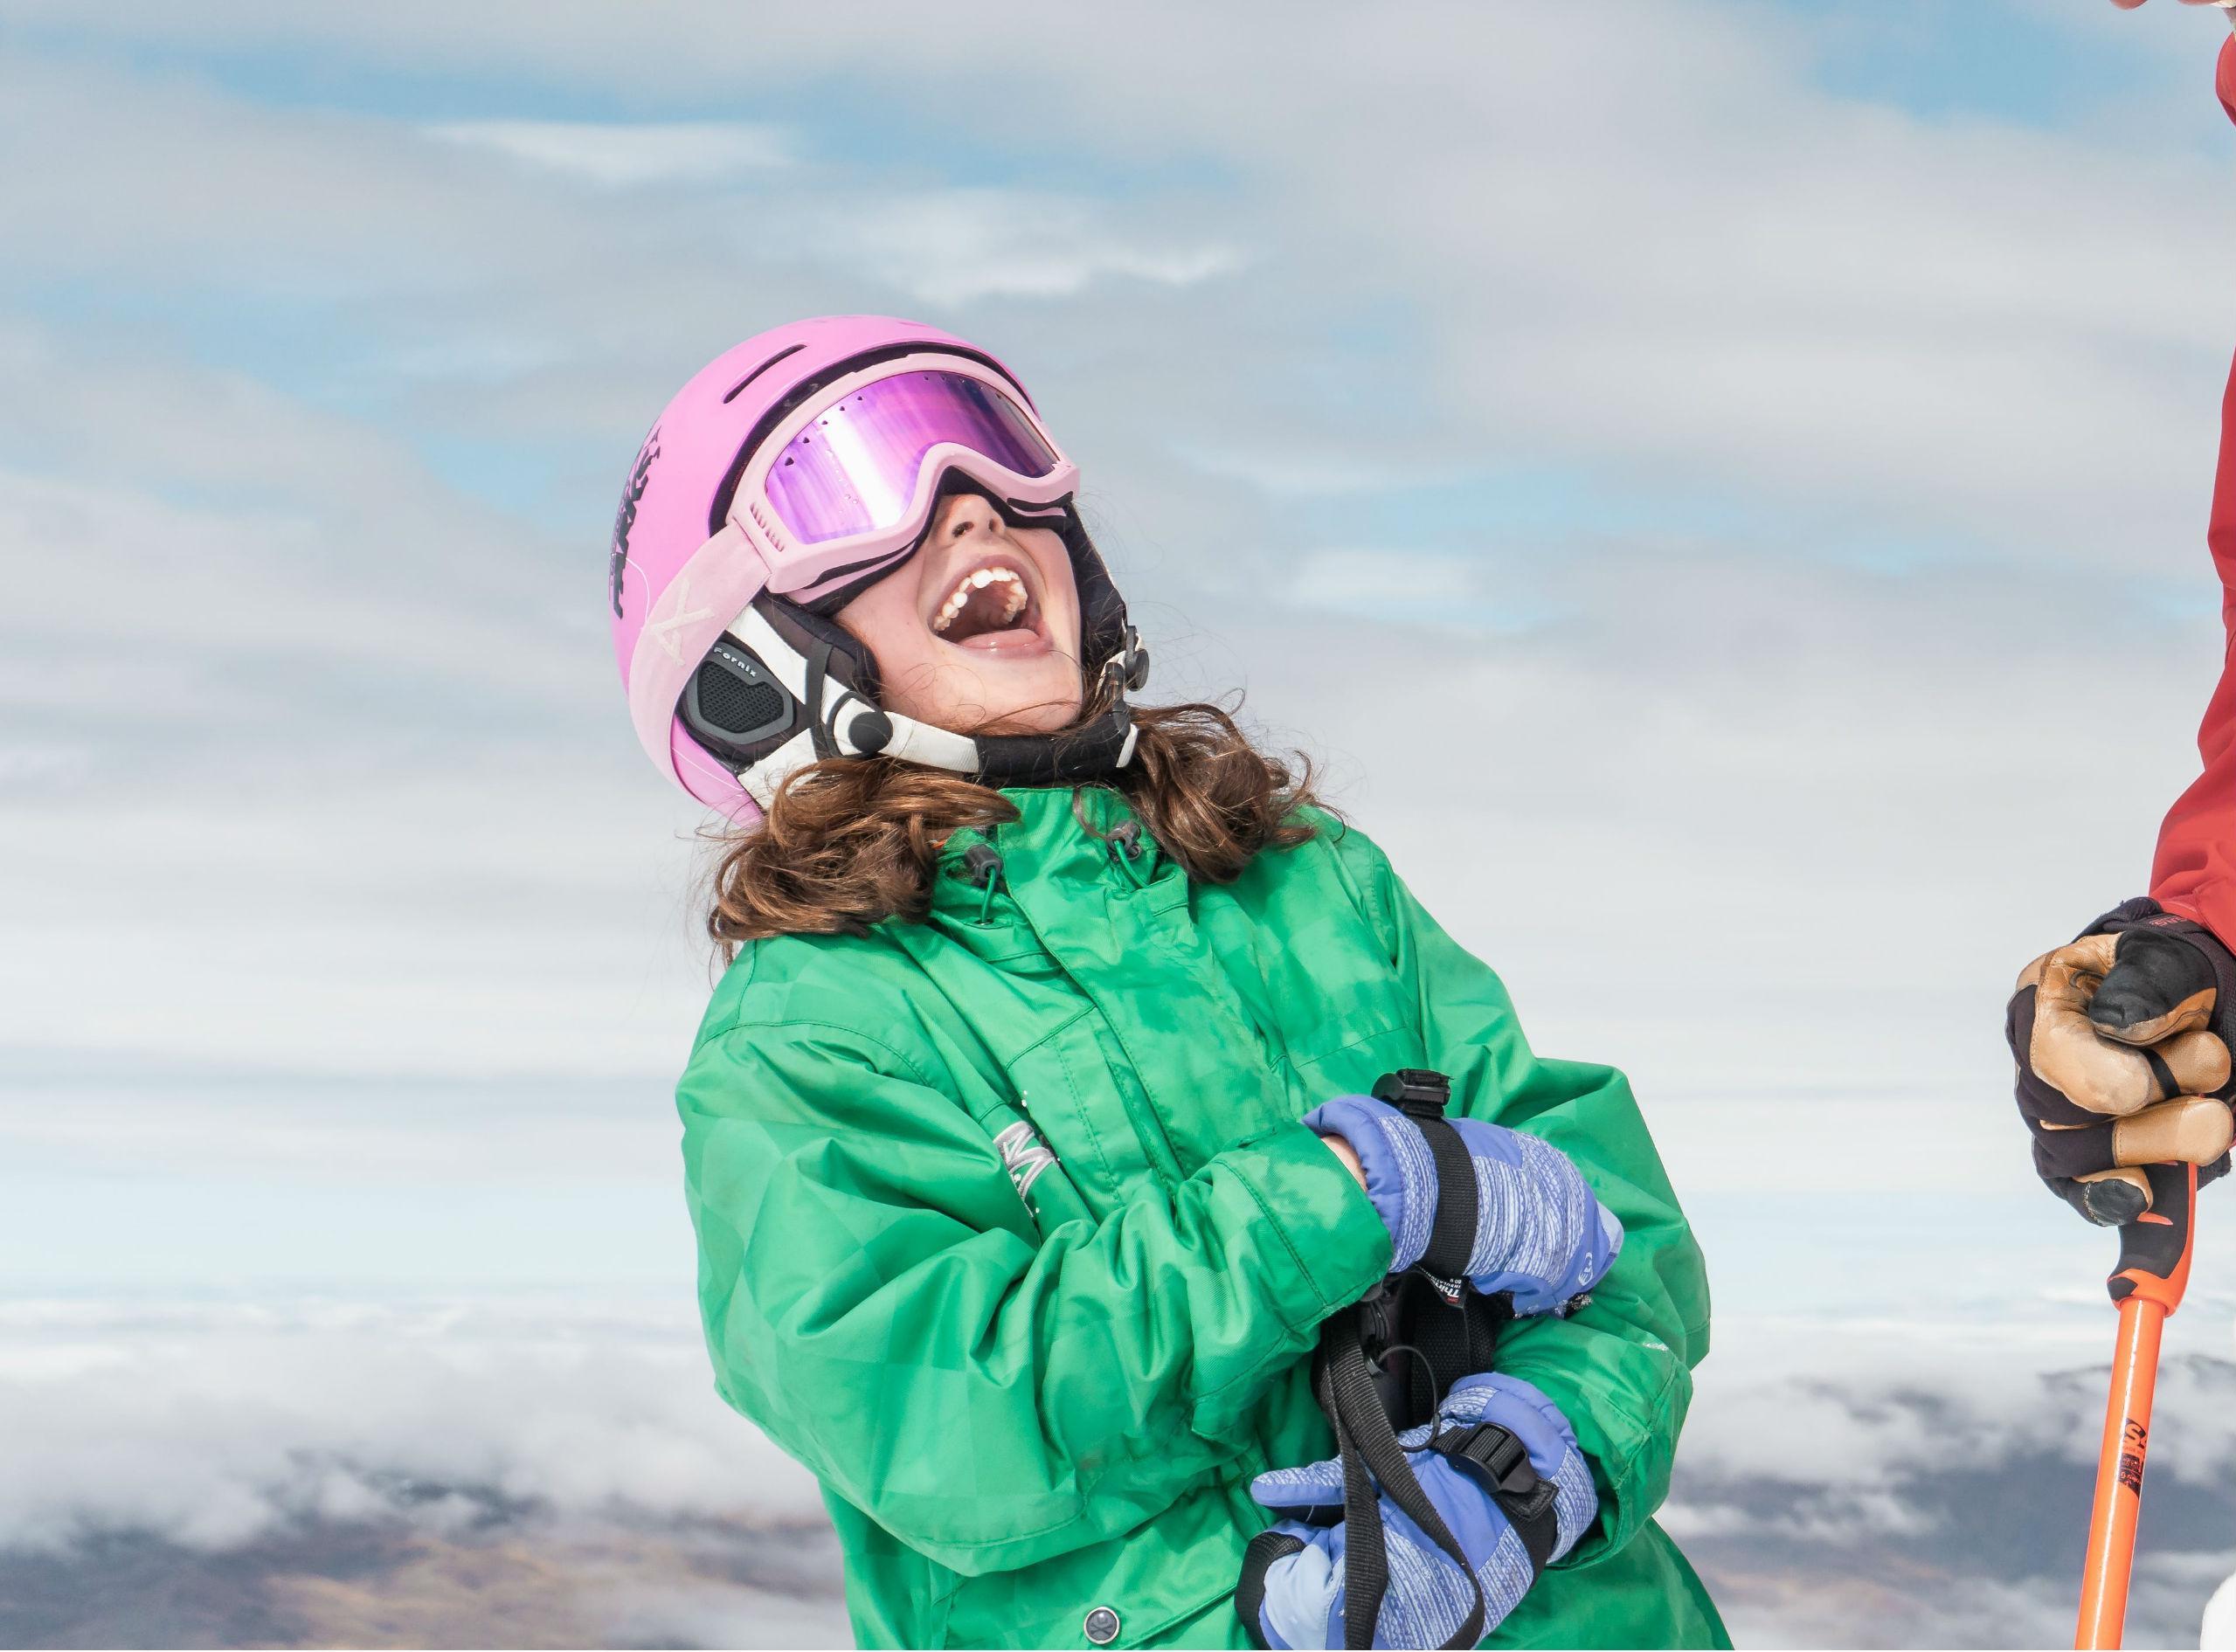 Cours de ski pour Enfants dès 5 ans - Premier cours